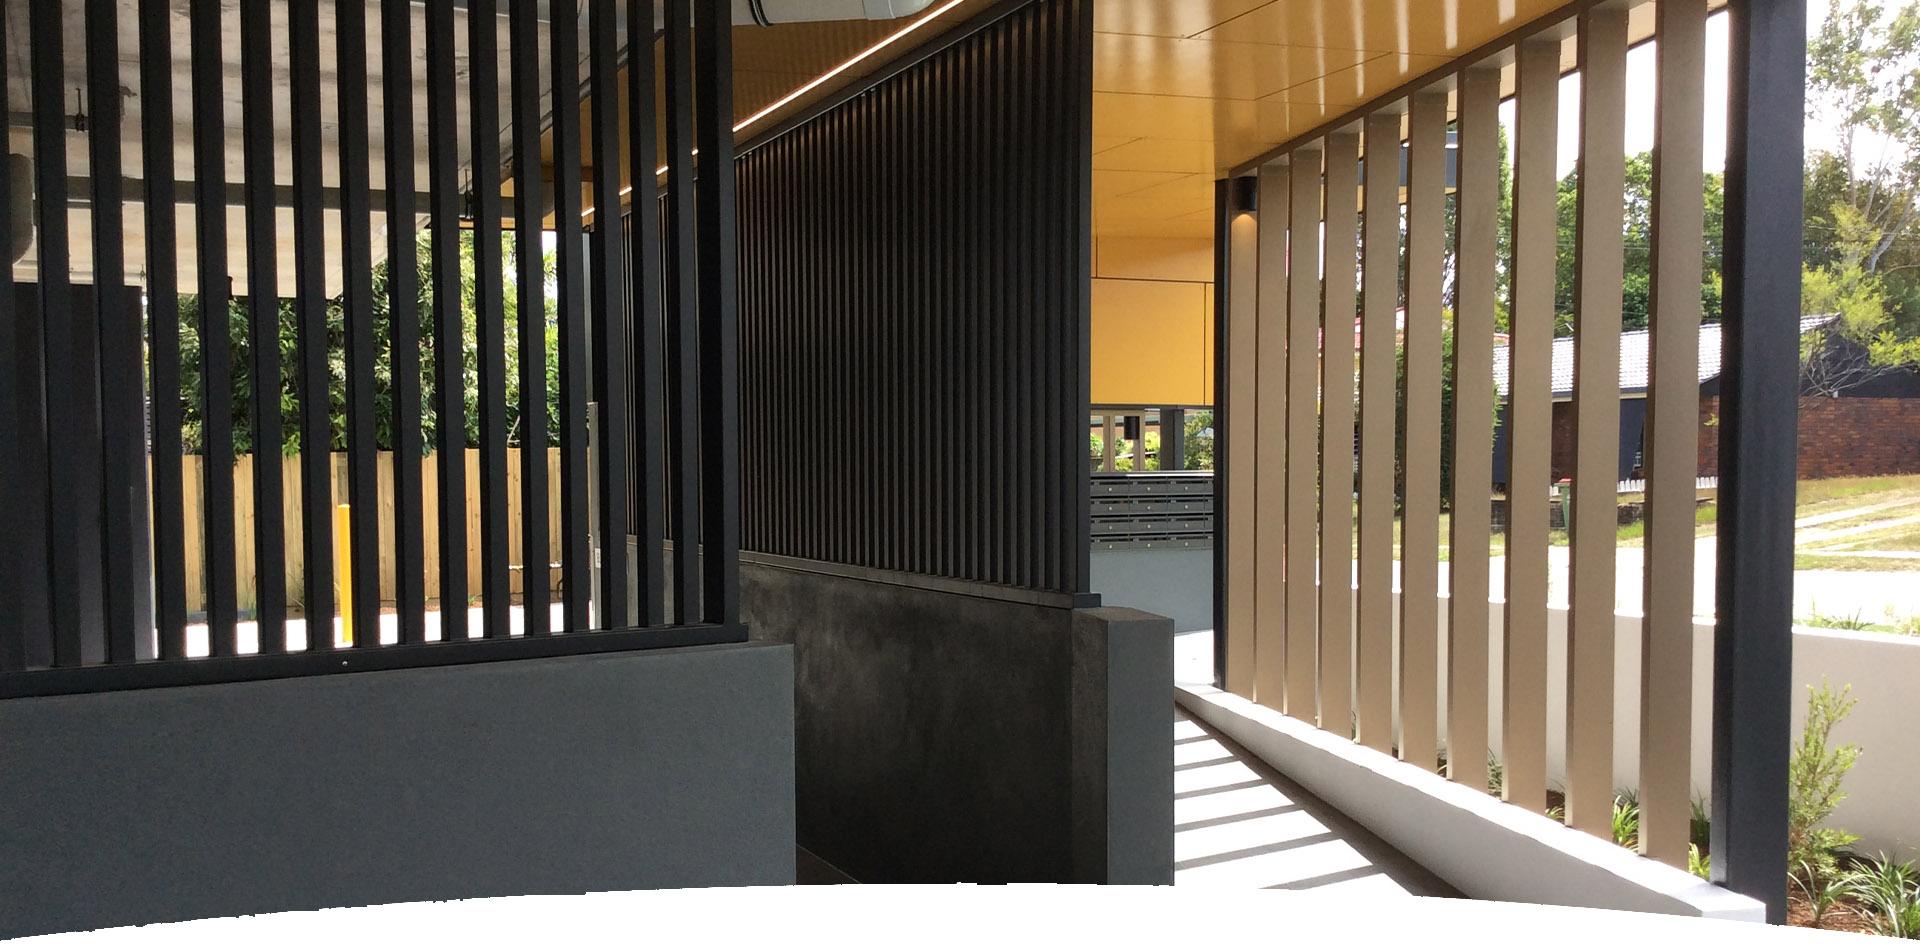 Aluminium Balustrades Facades McNab Project Springwood - Facades Featured At McNab Project At Springwood